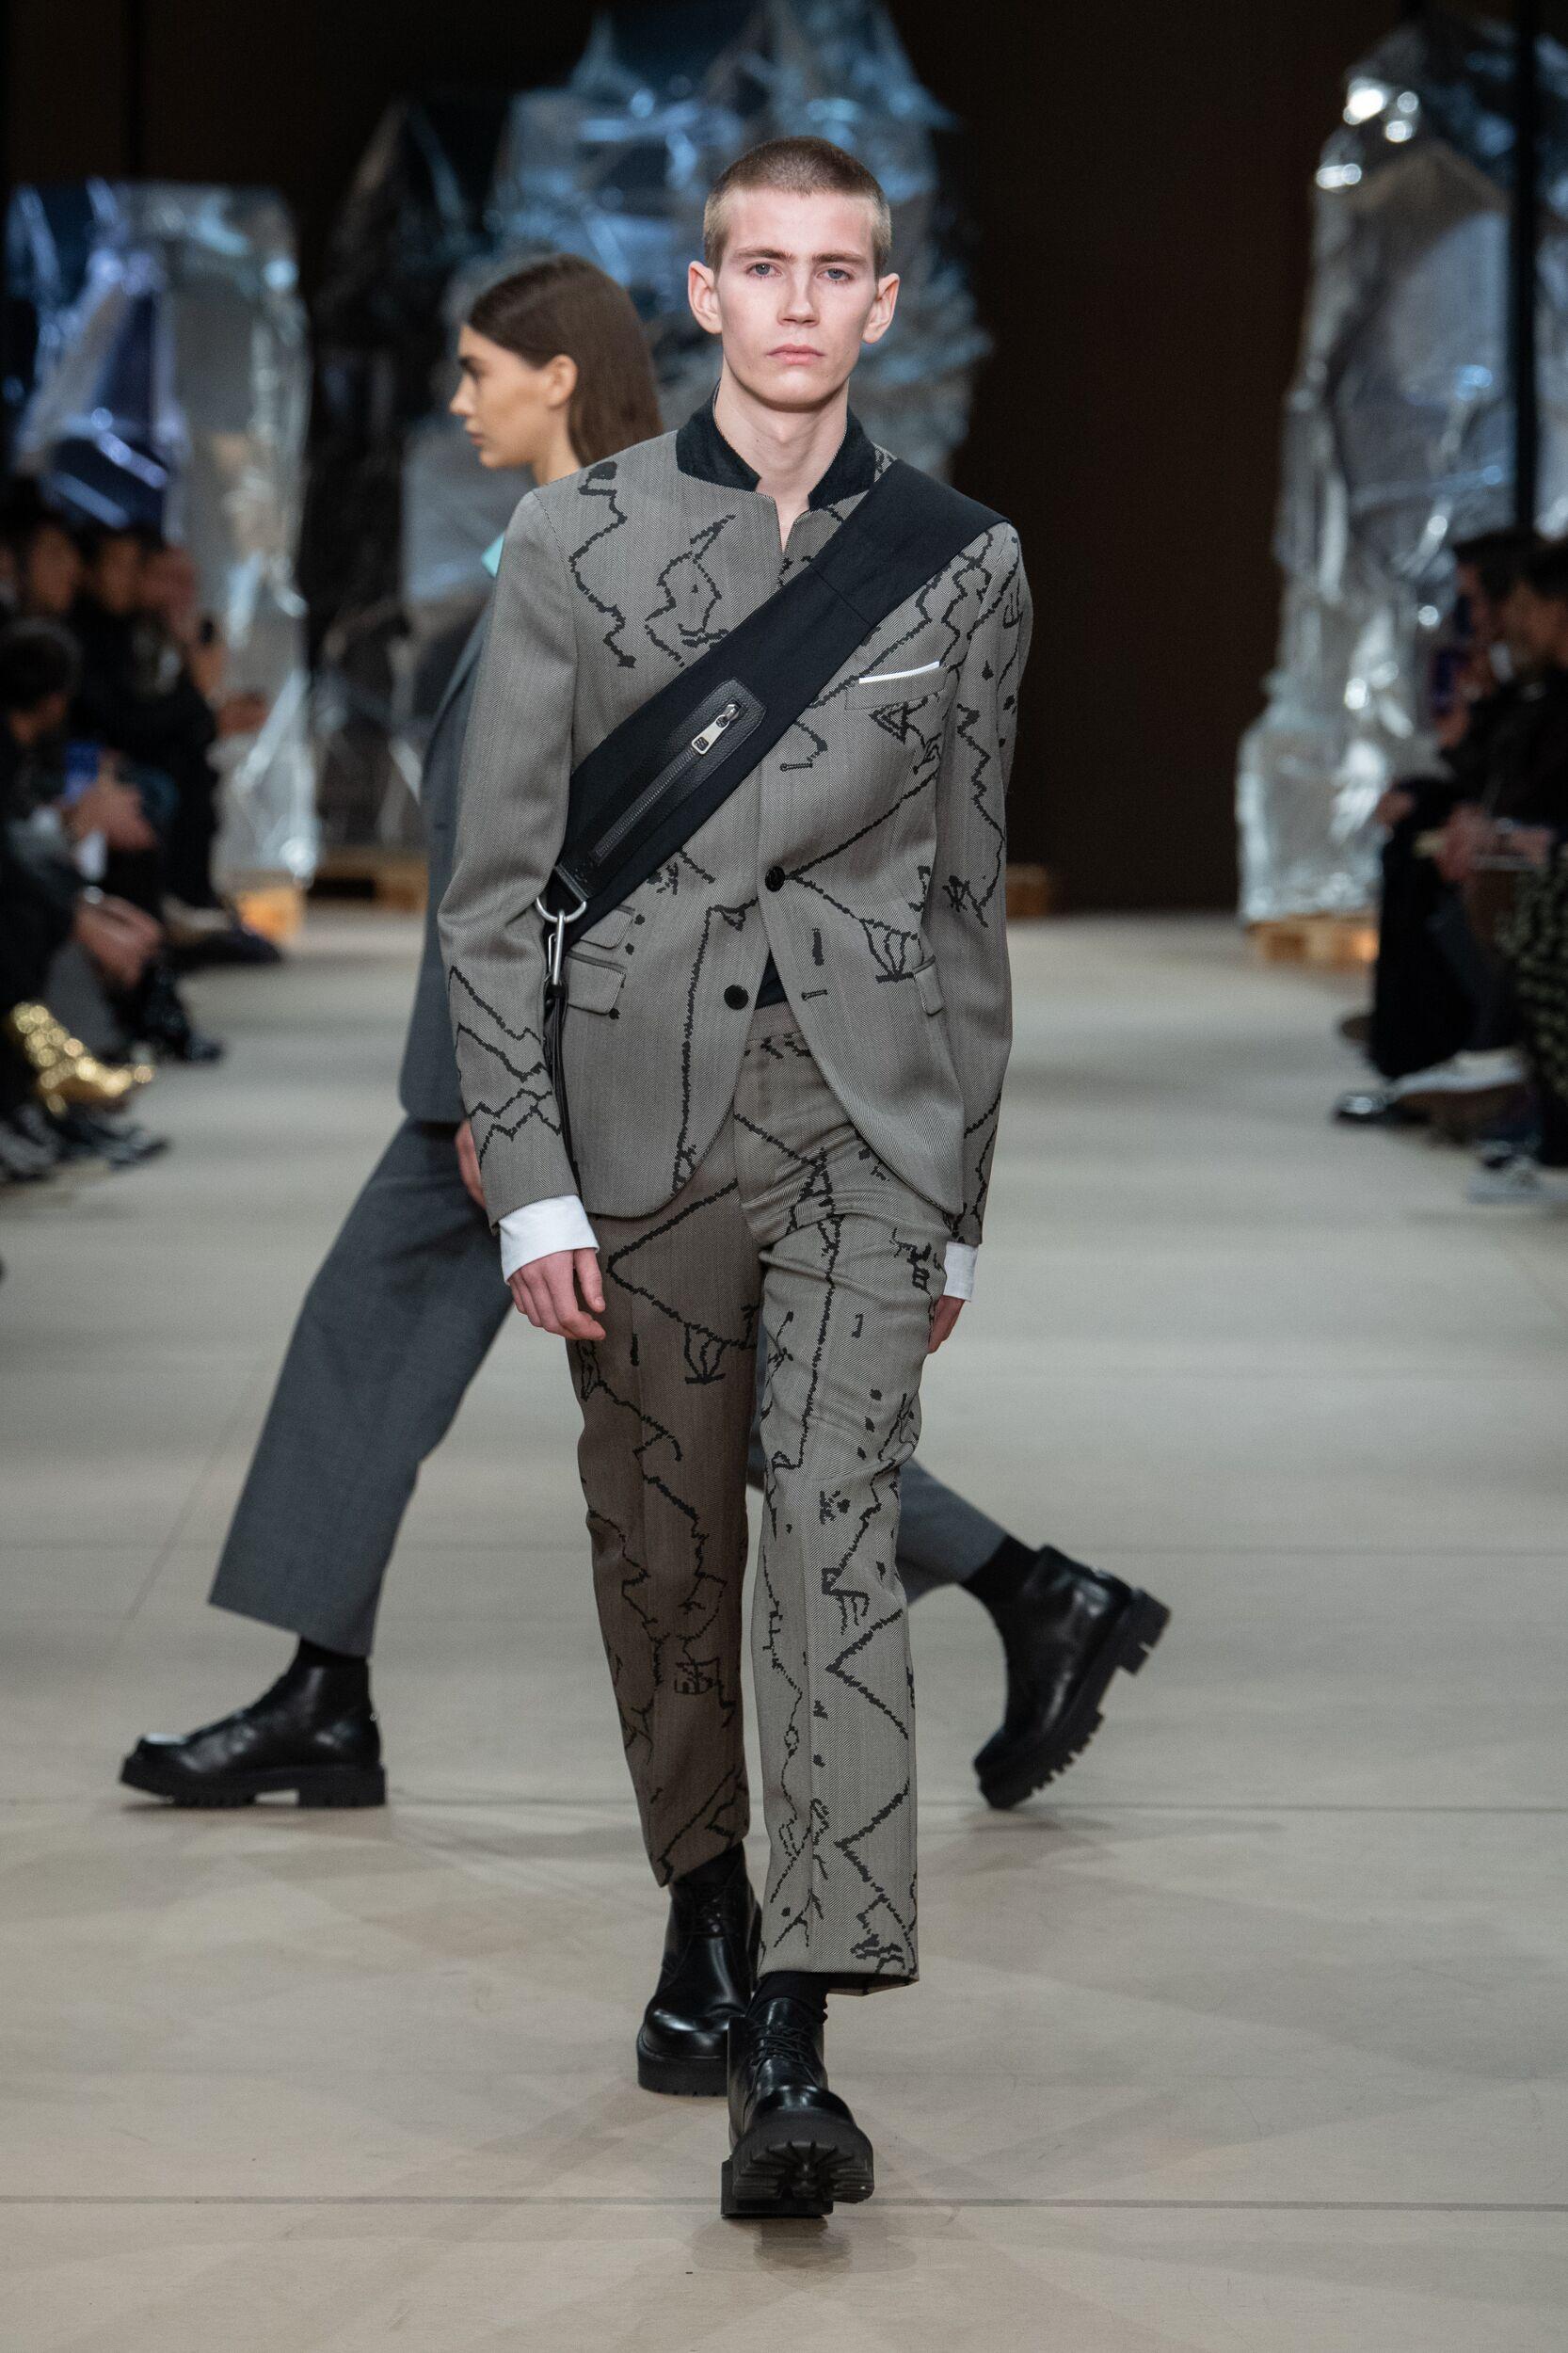 Neil Barrett Milan Fashion Week Menswear Trends